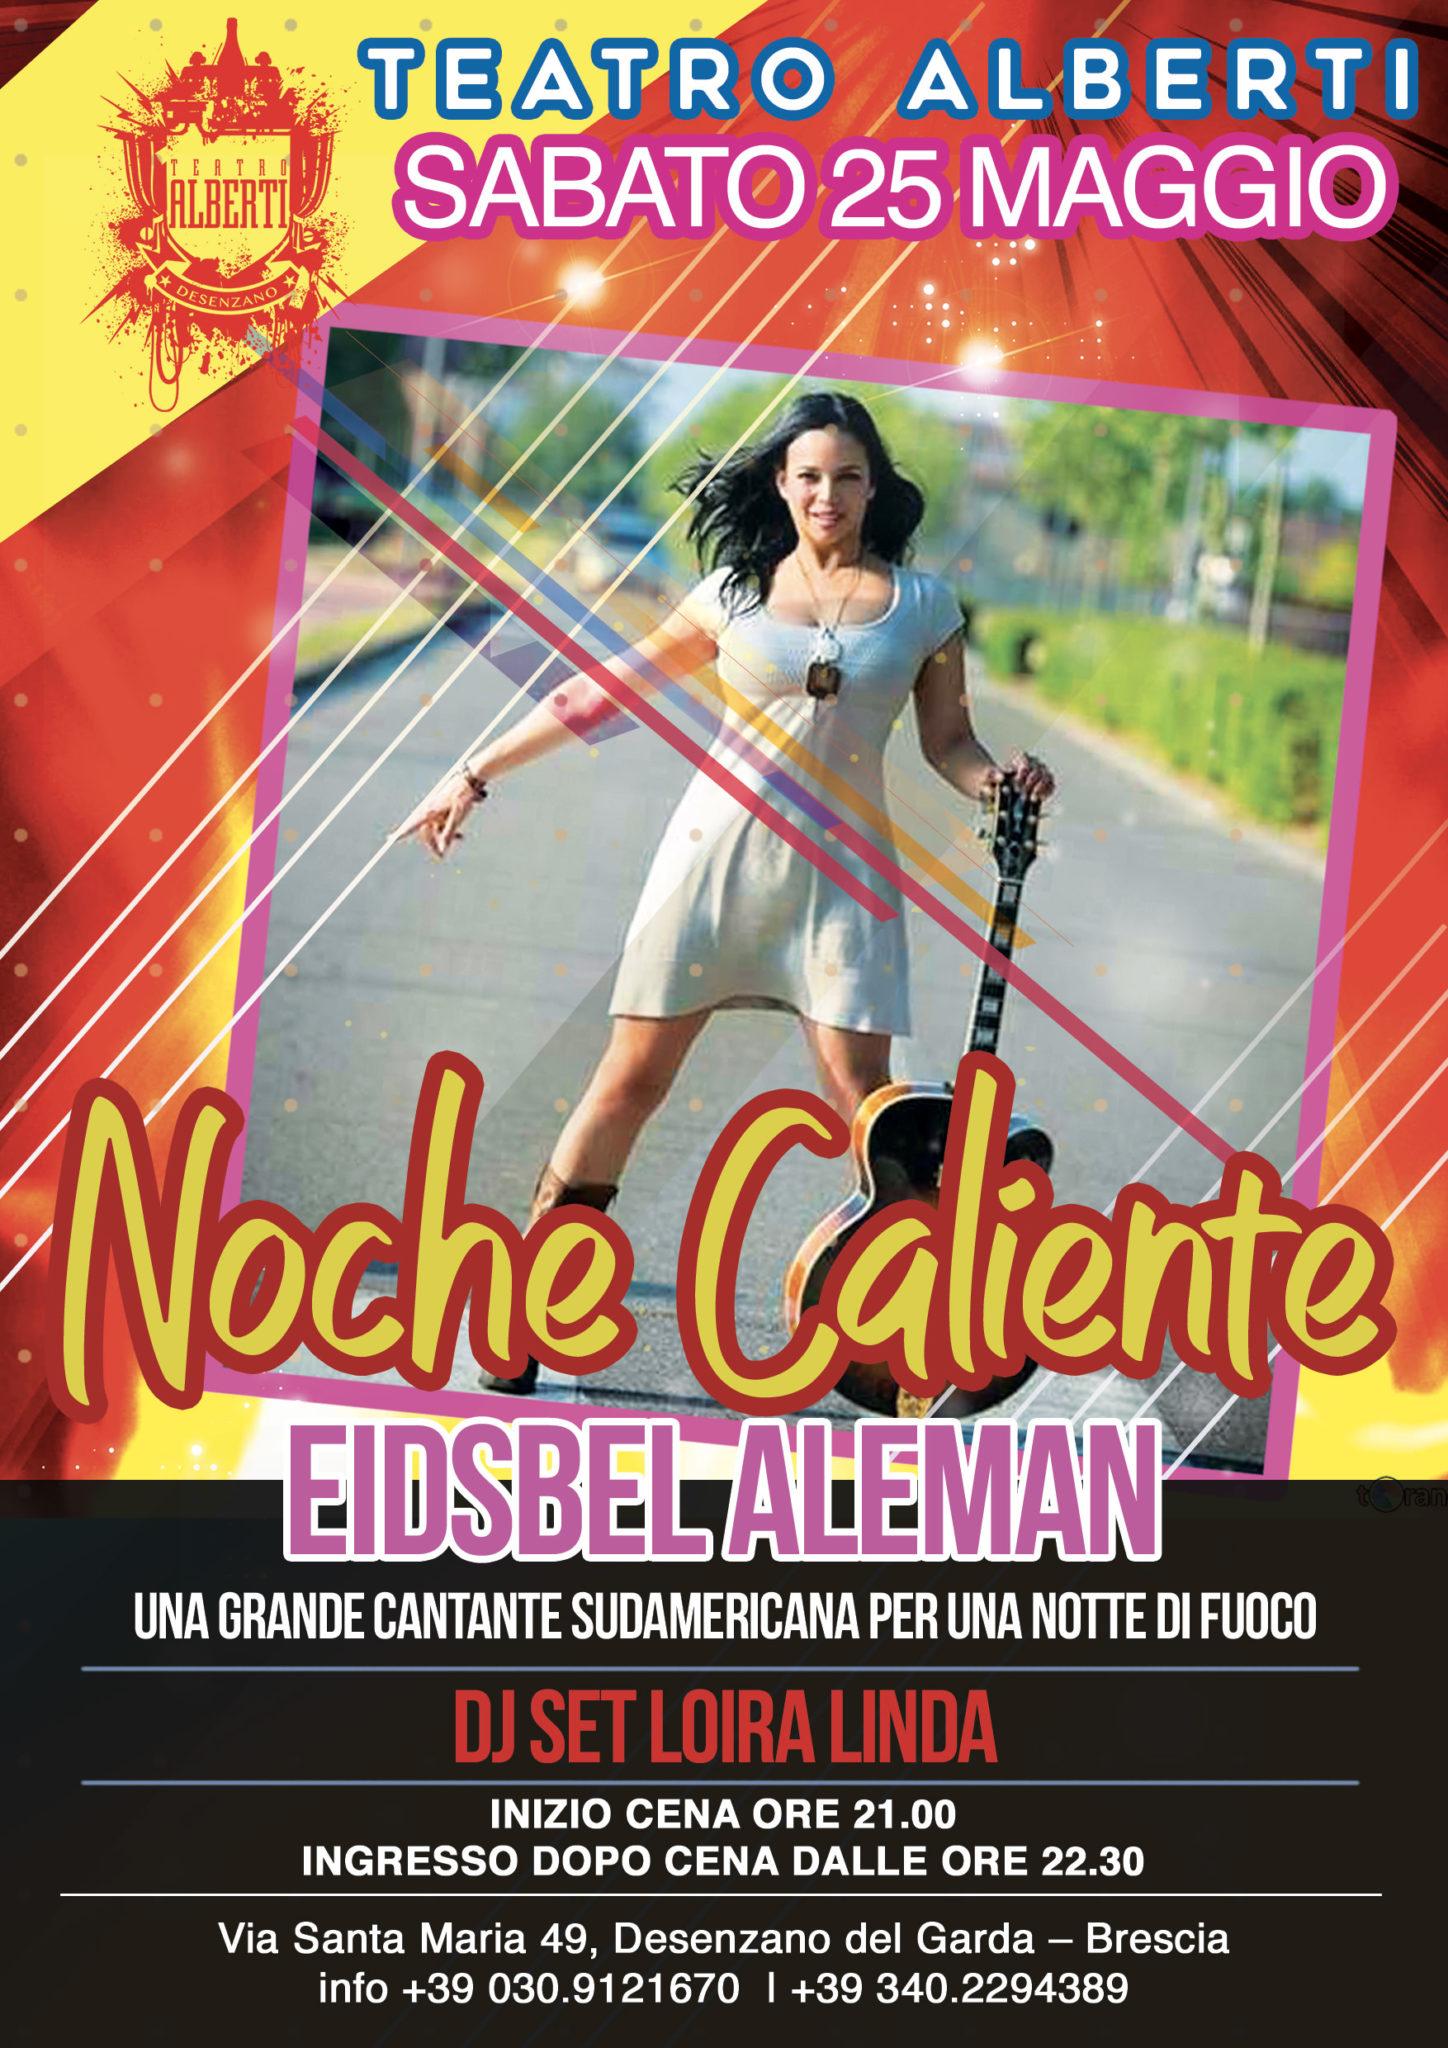 teatro-alberti-locandina-25-maggio-2019